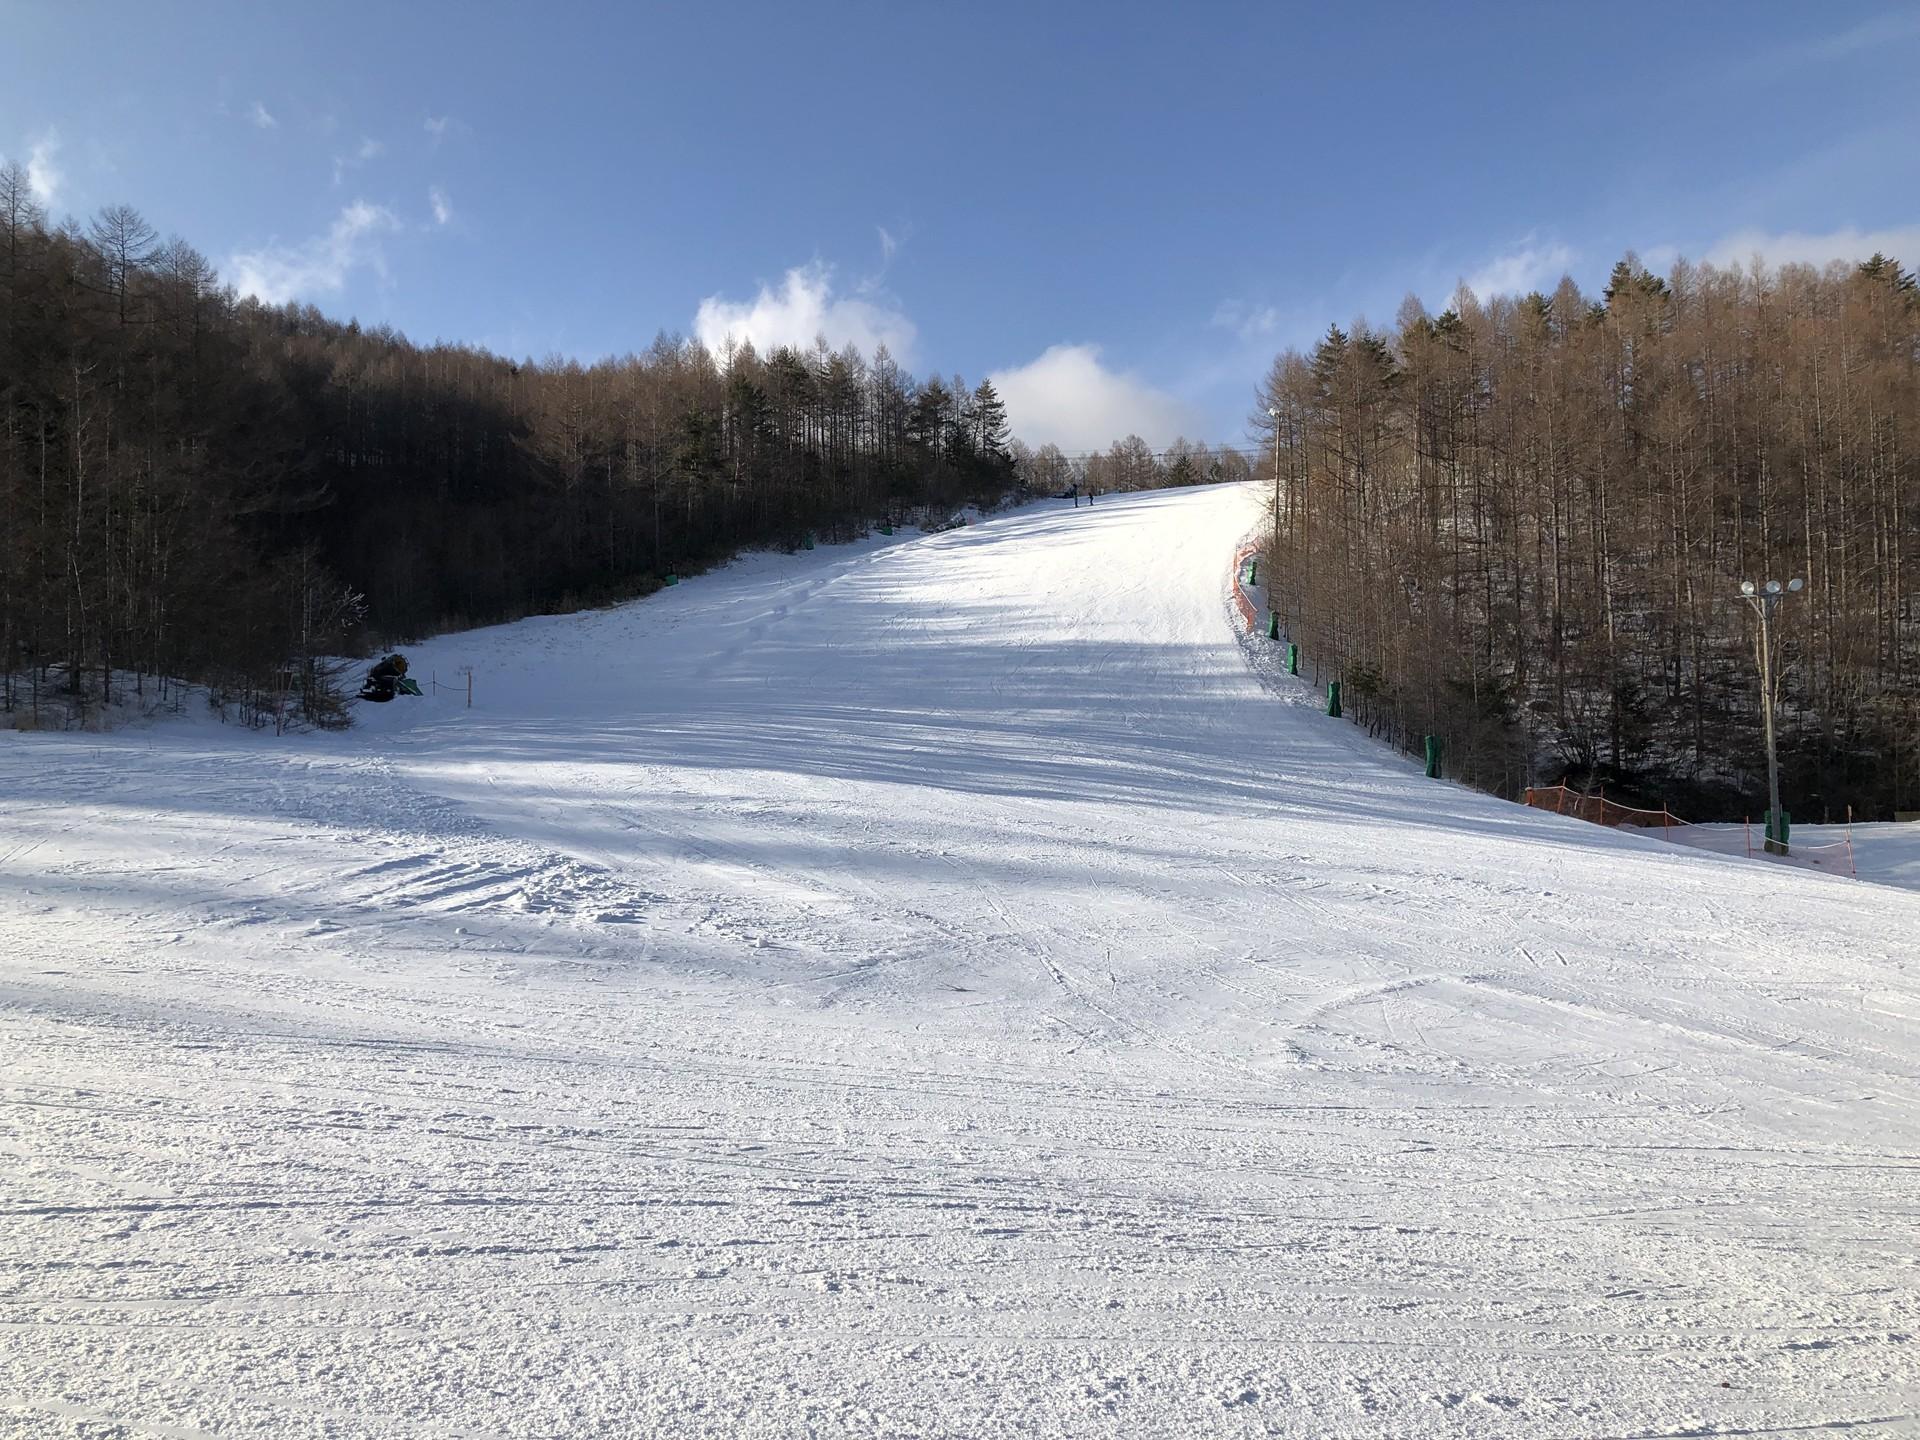 バレー スキー 小海 リエックス 小海リエックス・スキーバレー 現地購入激安リフト券パック情報